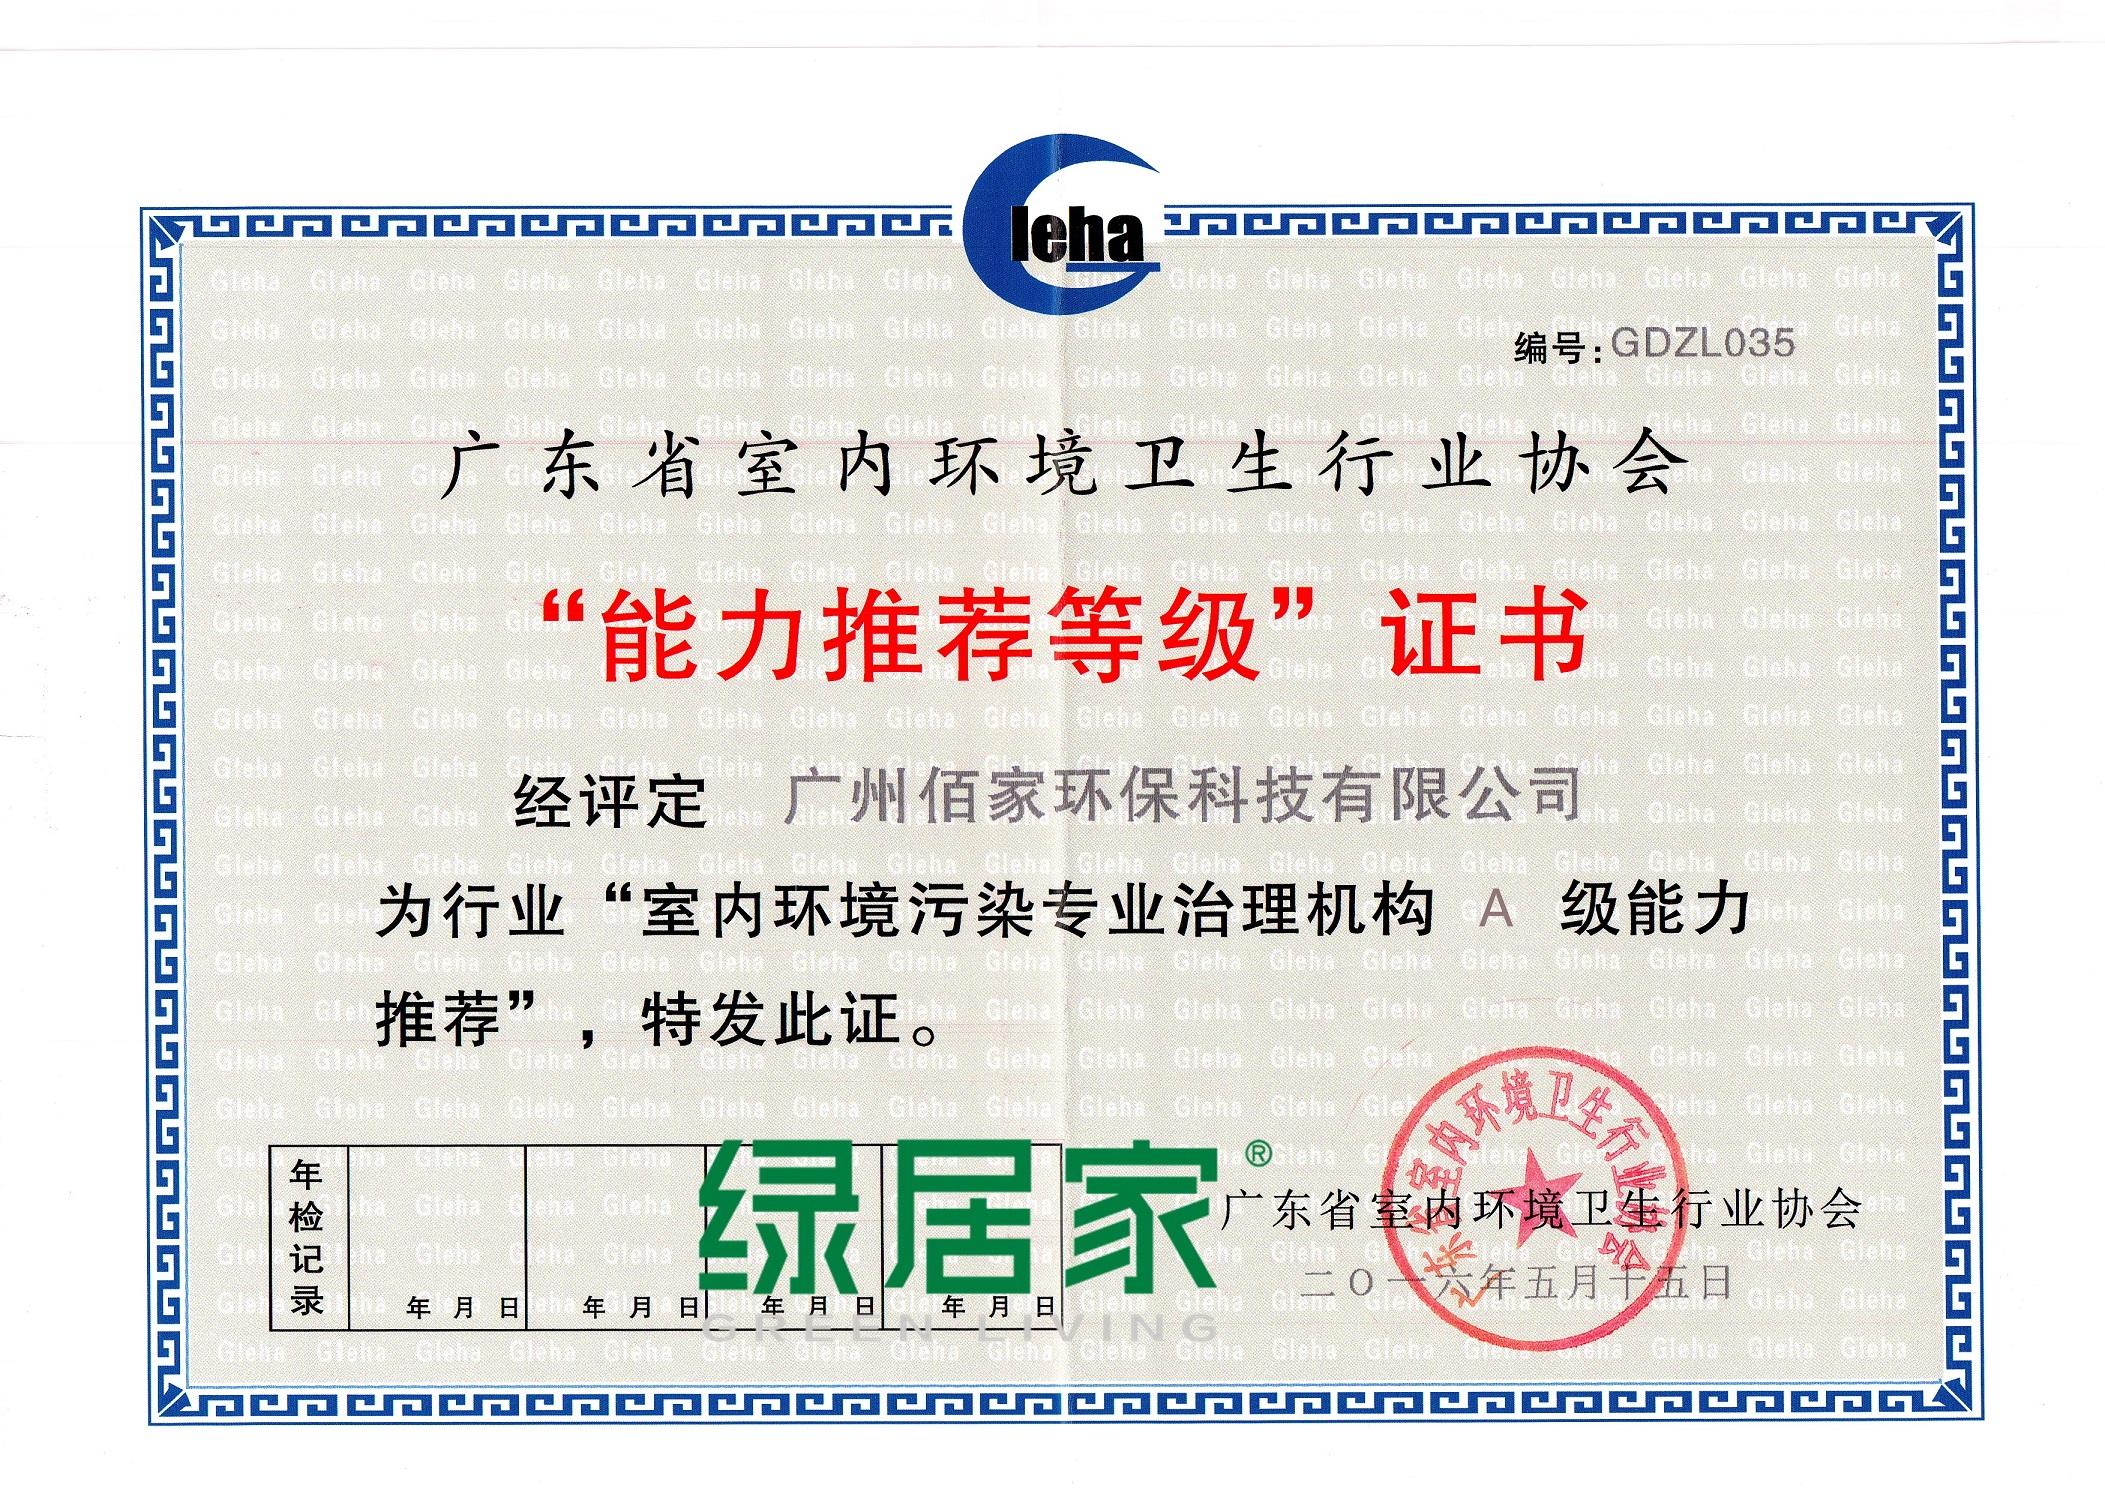 室内环境污染治理A系能力推荐证书